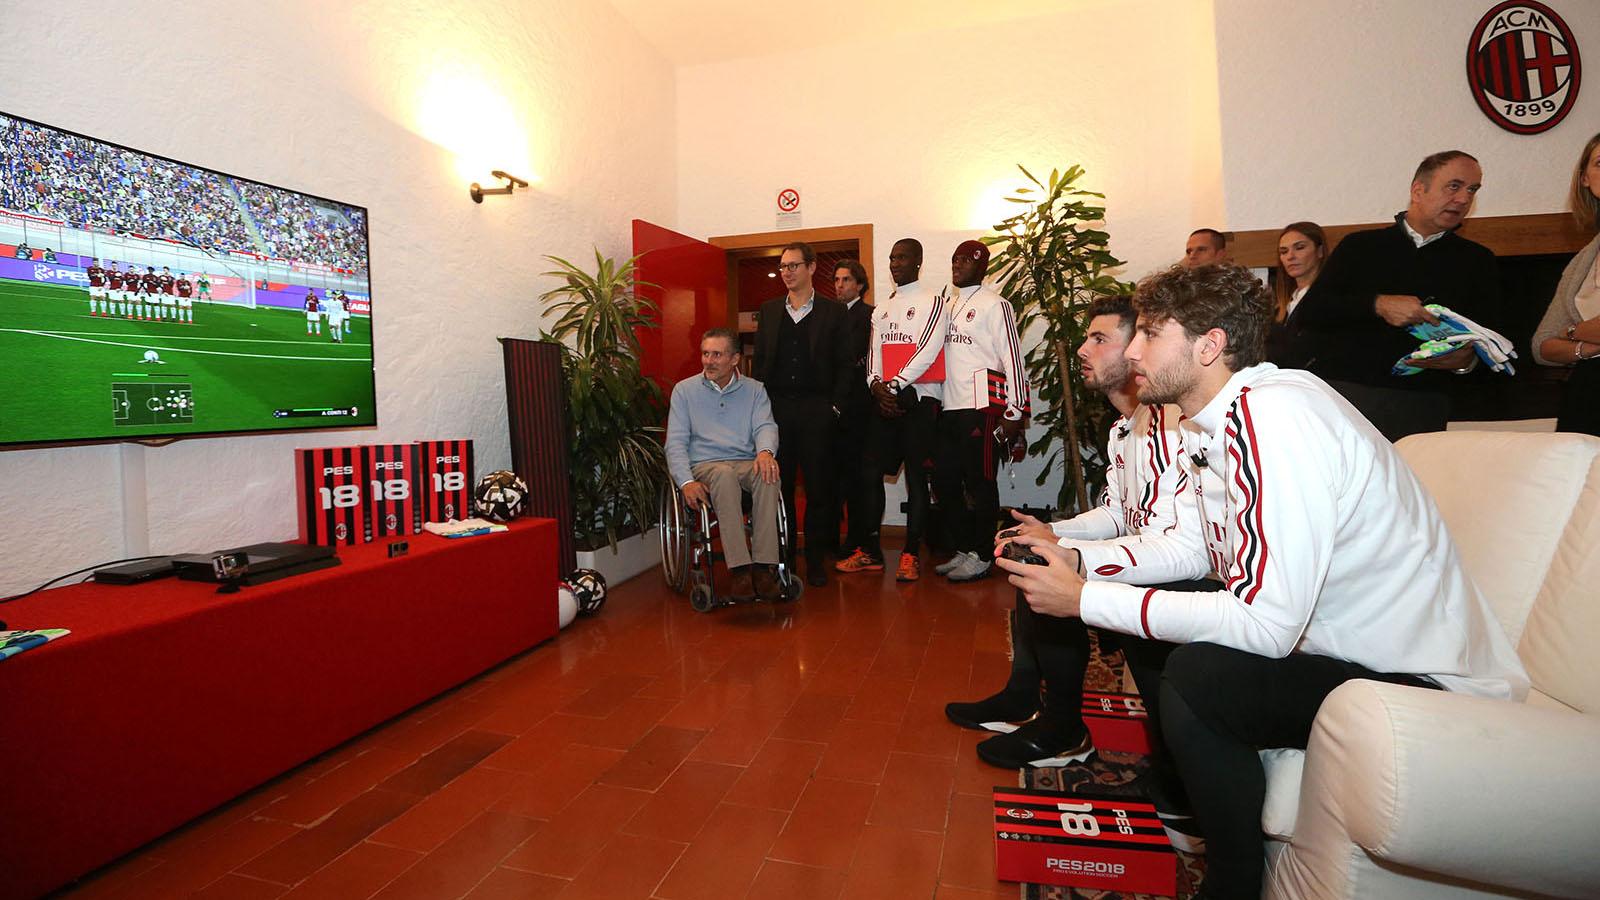 Raoul Bellanova, il Milan ci crede: Montella lo promuove, Gattuso lo conferma